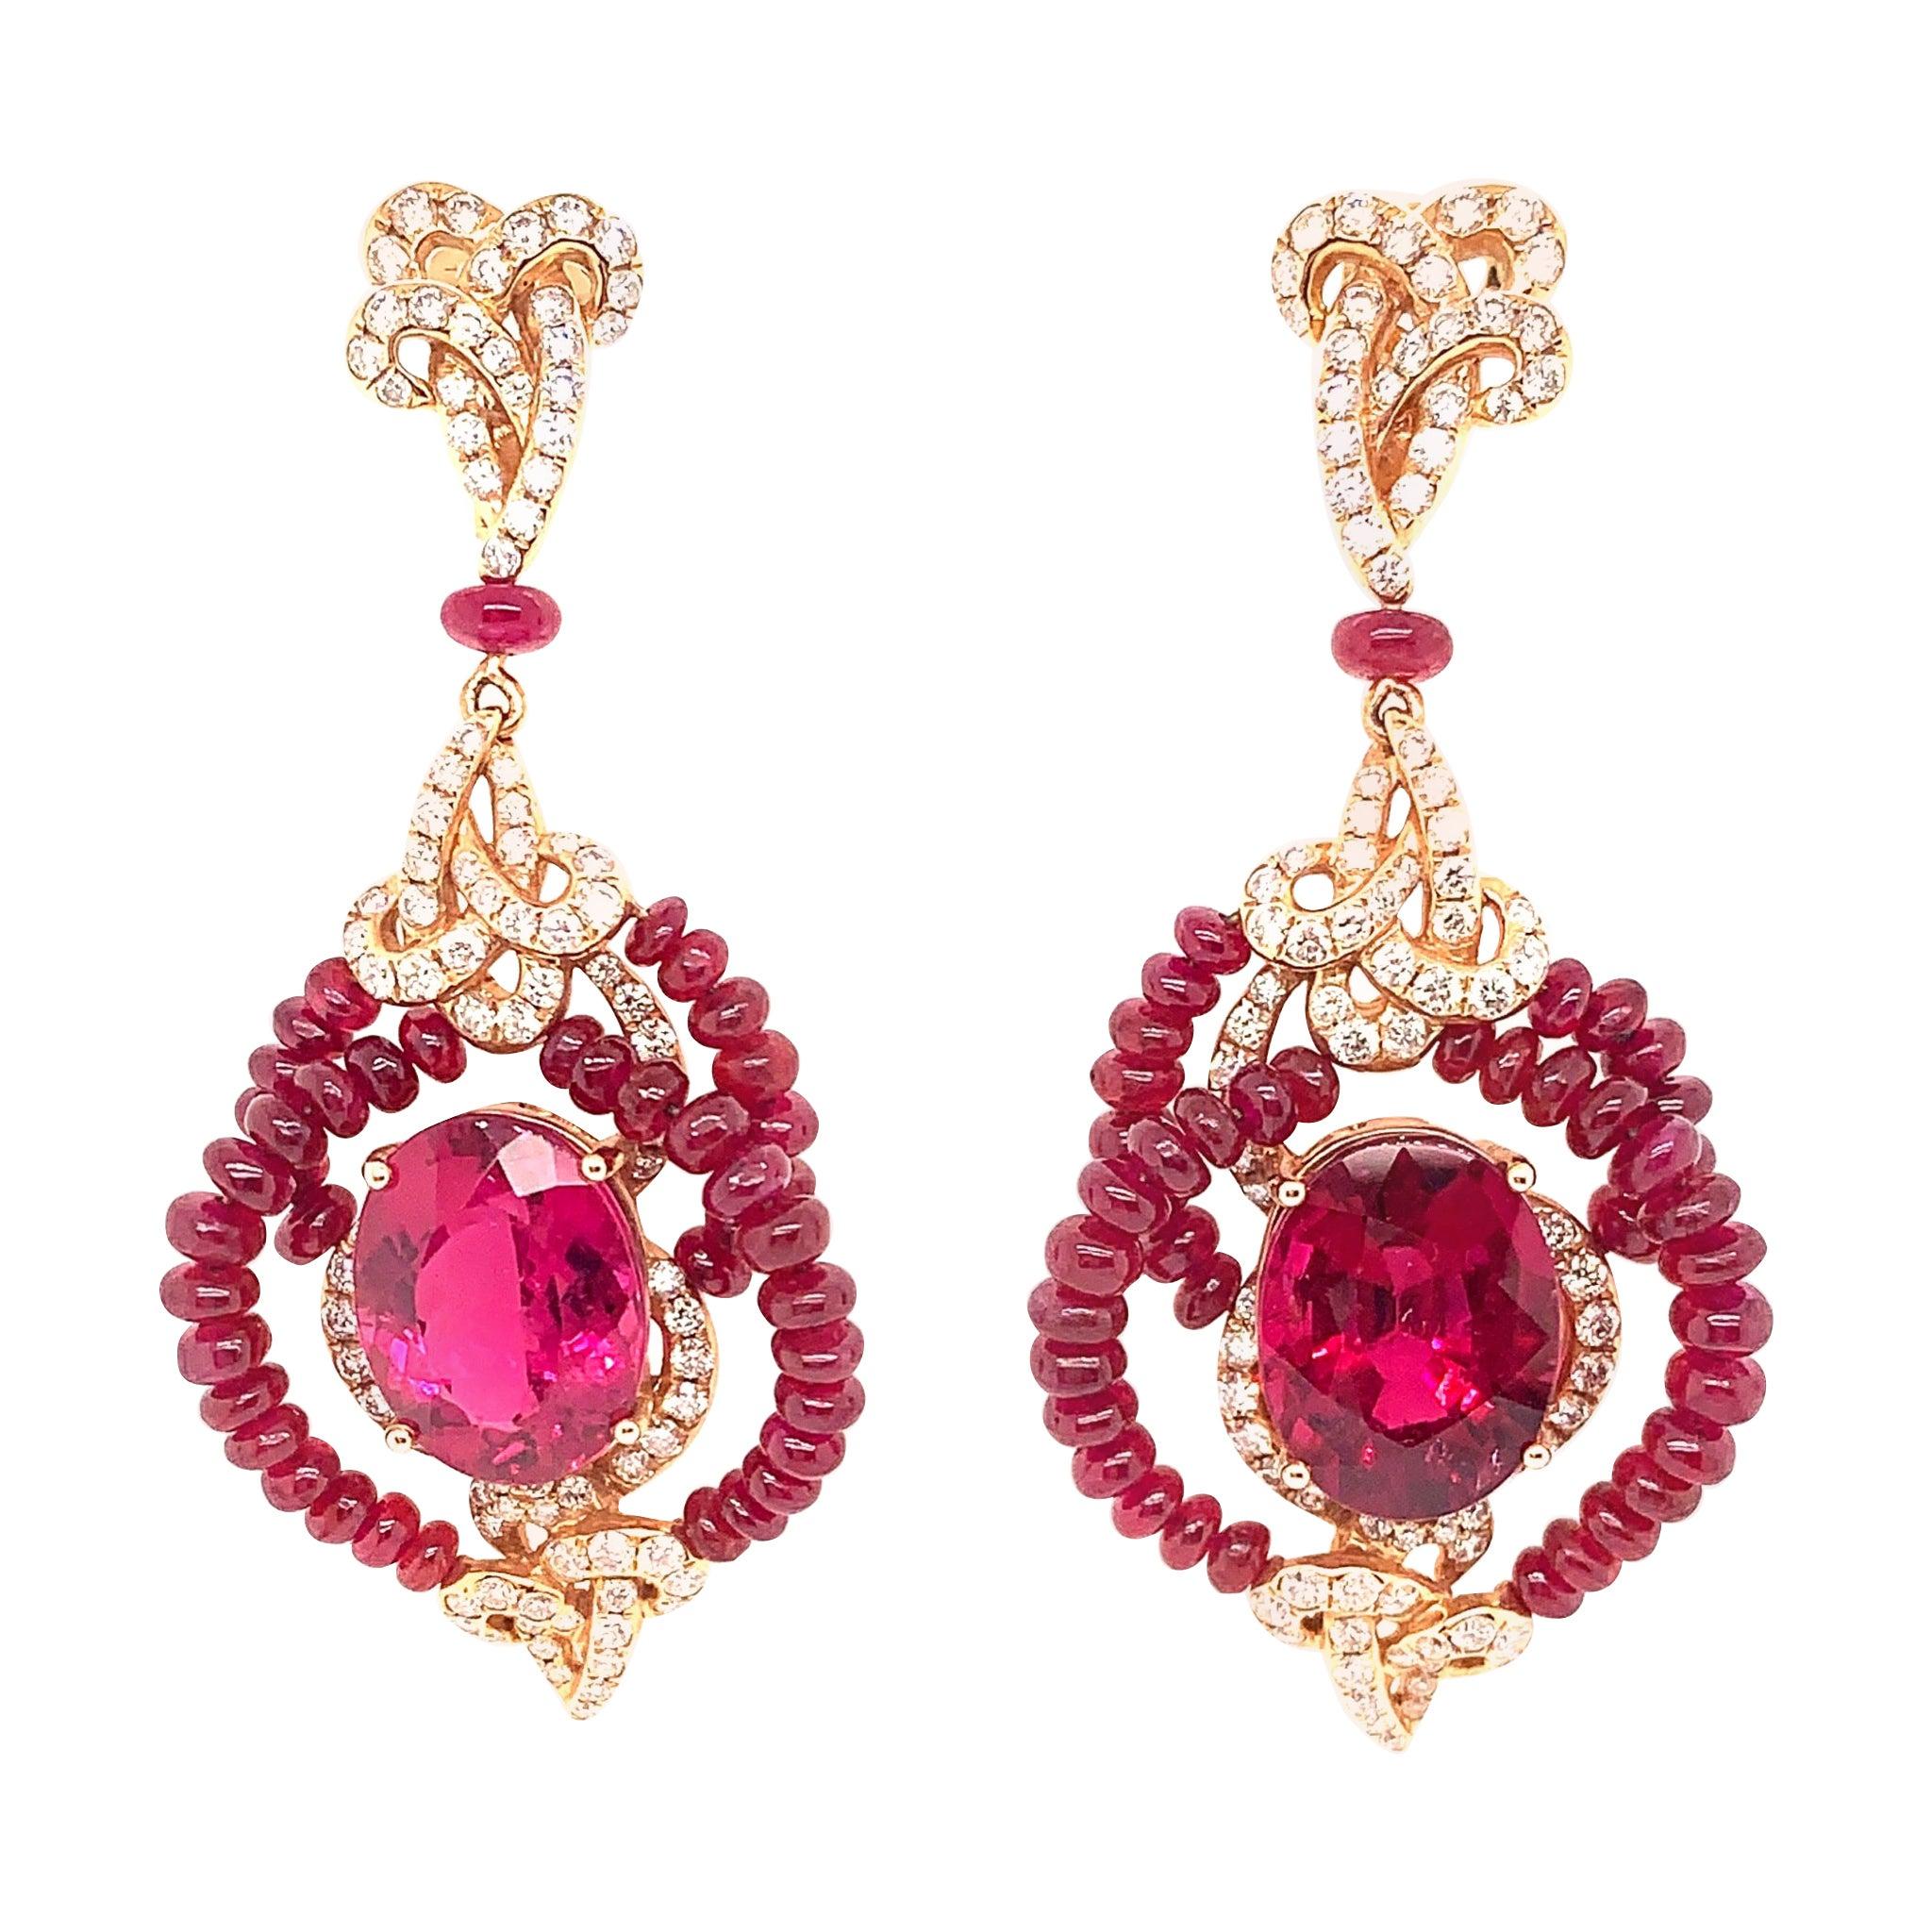 15 Carat Rubelite / Ruby Beads/ 18k Rose gold Designer Diamond Earring